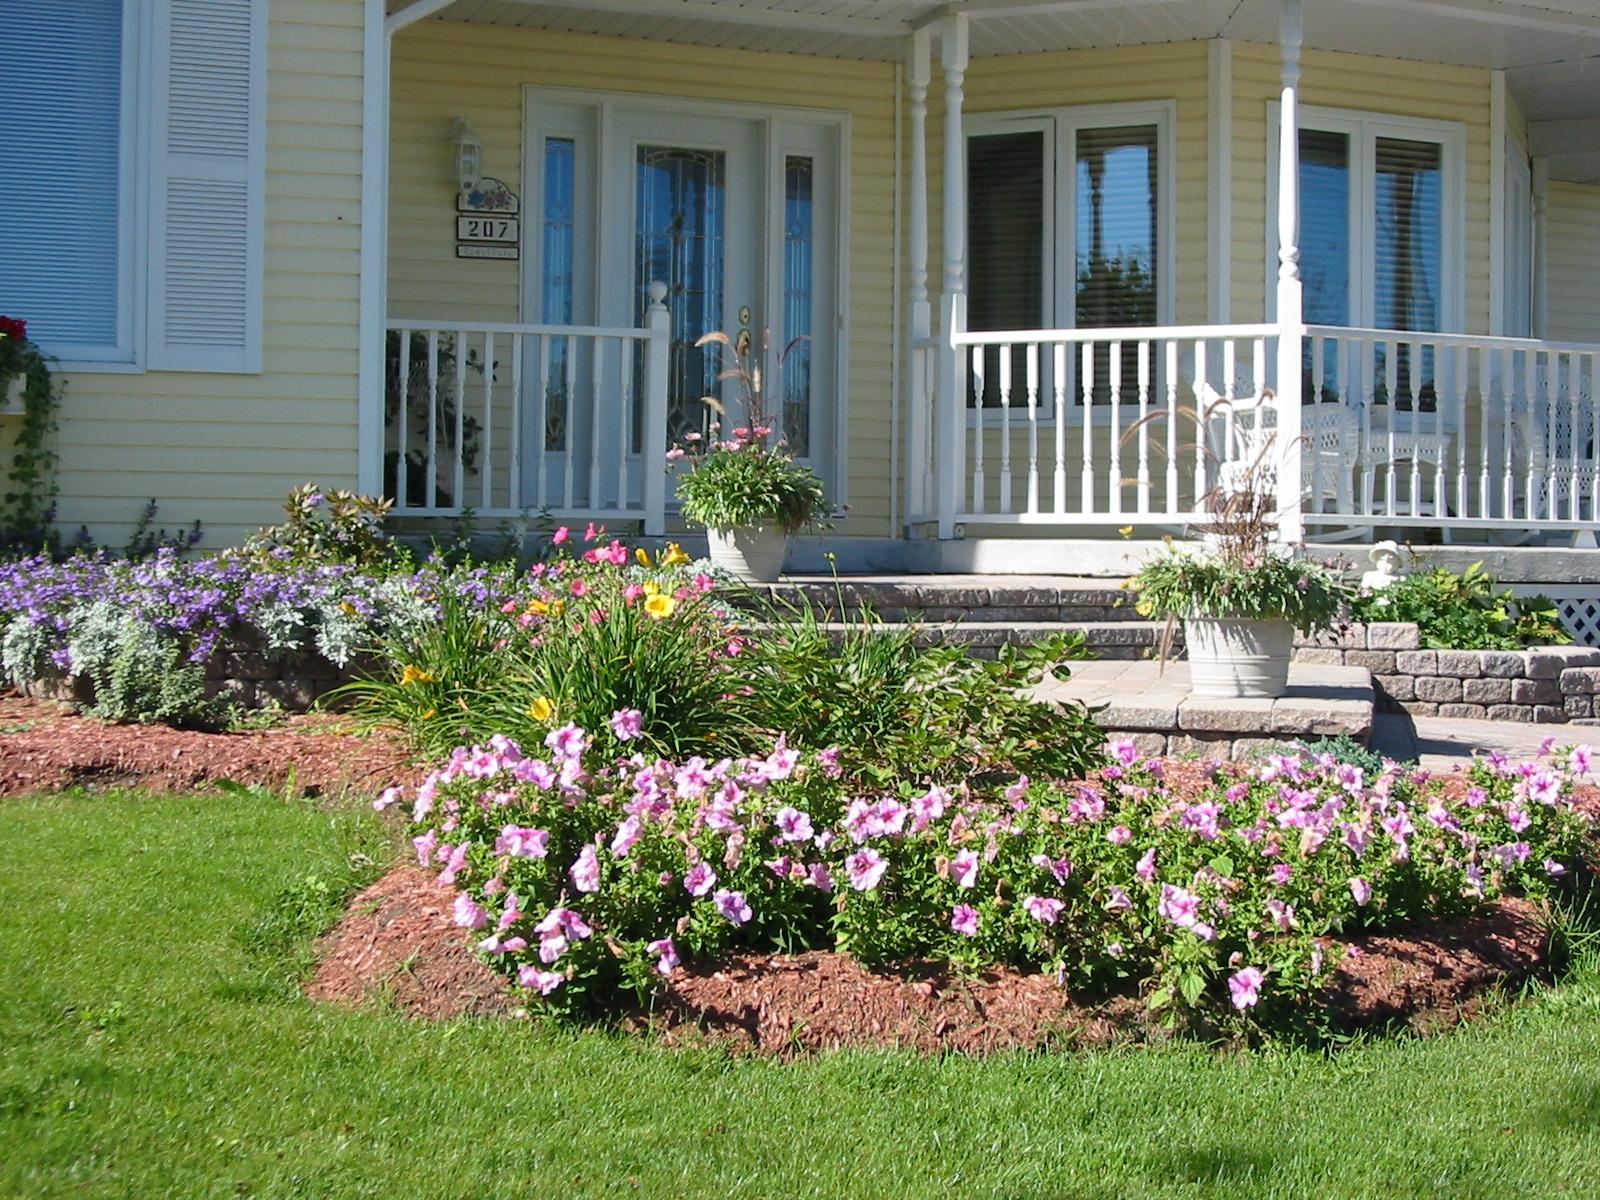 Como fazer um jardim simples e barato no quintal - Adsl para casa barato ...